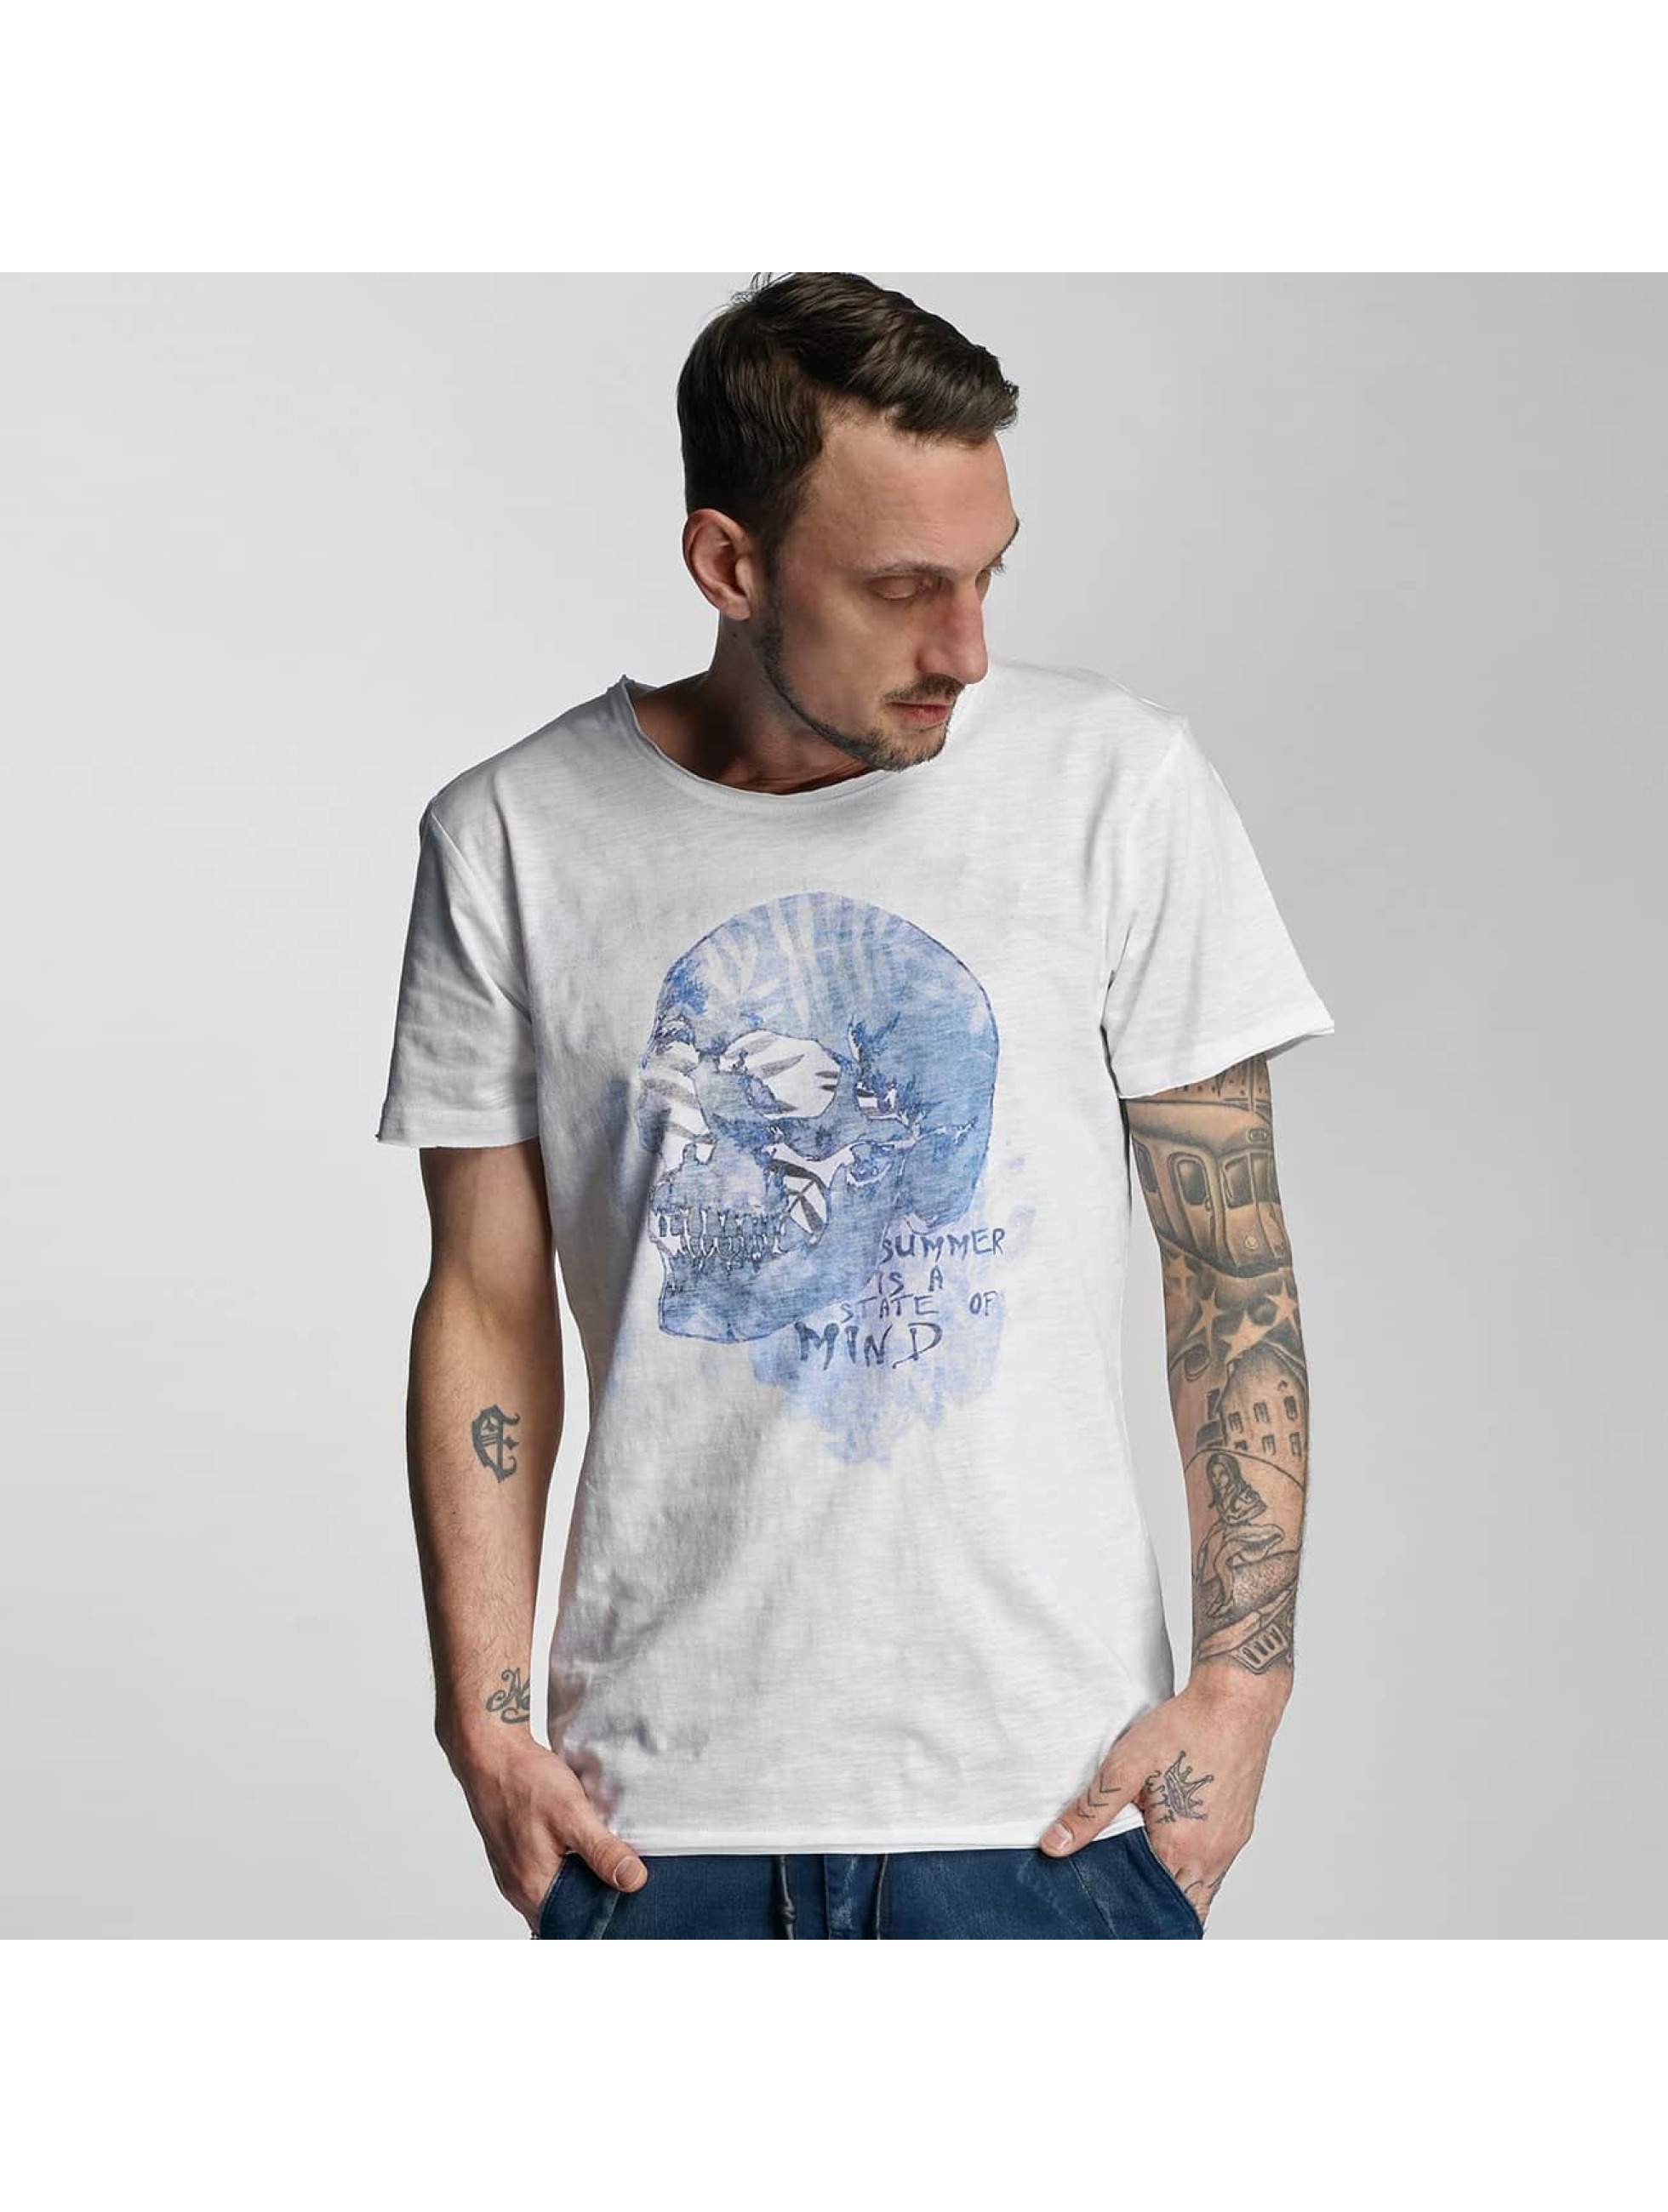 Stitch & Soul Männer T-Shirt Summer in weiß